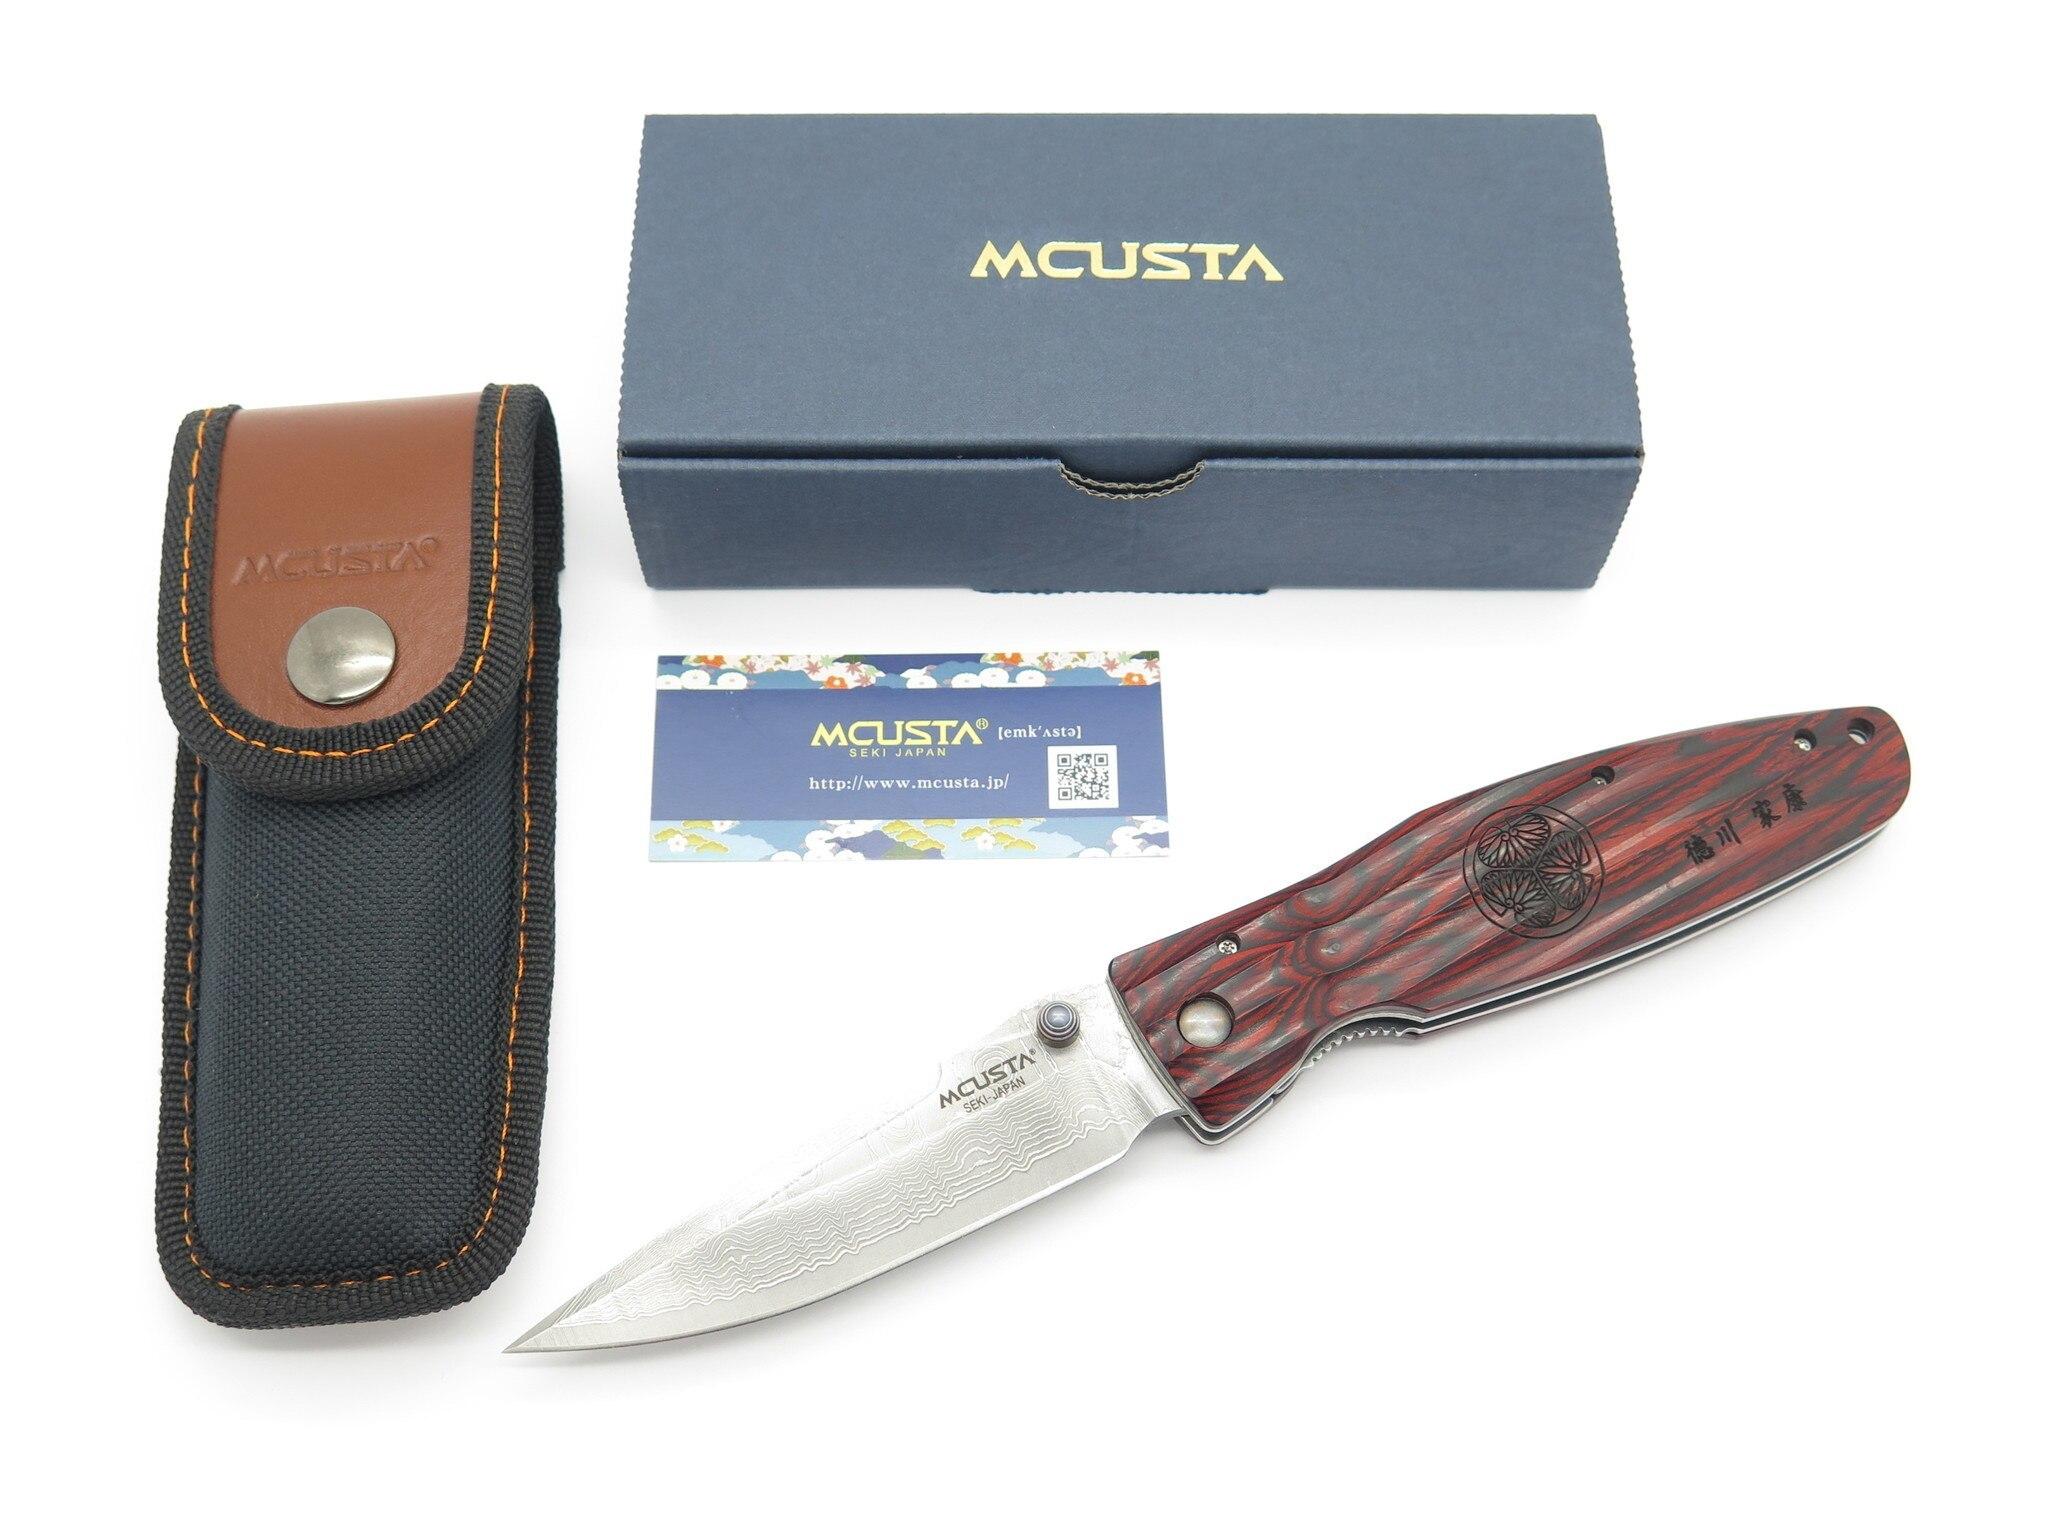 Фото 11 - Складной нож Mcusta Tokugawa Ieyasu MC-183D, сталь VG-10 в обкладах из дамаска, рукоять древесный пластик